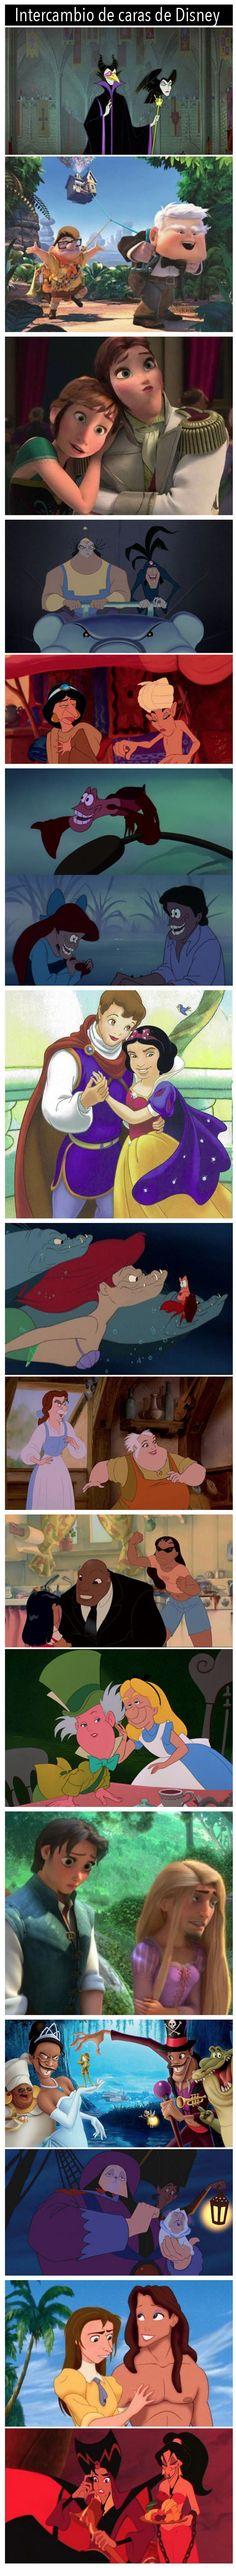 Intercambio de caras de Disney. #humor #risa #graciosas #chistosas #divertidas